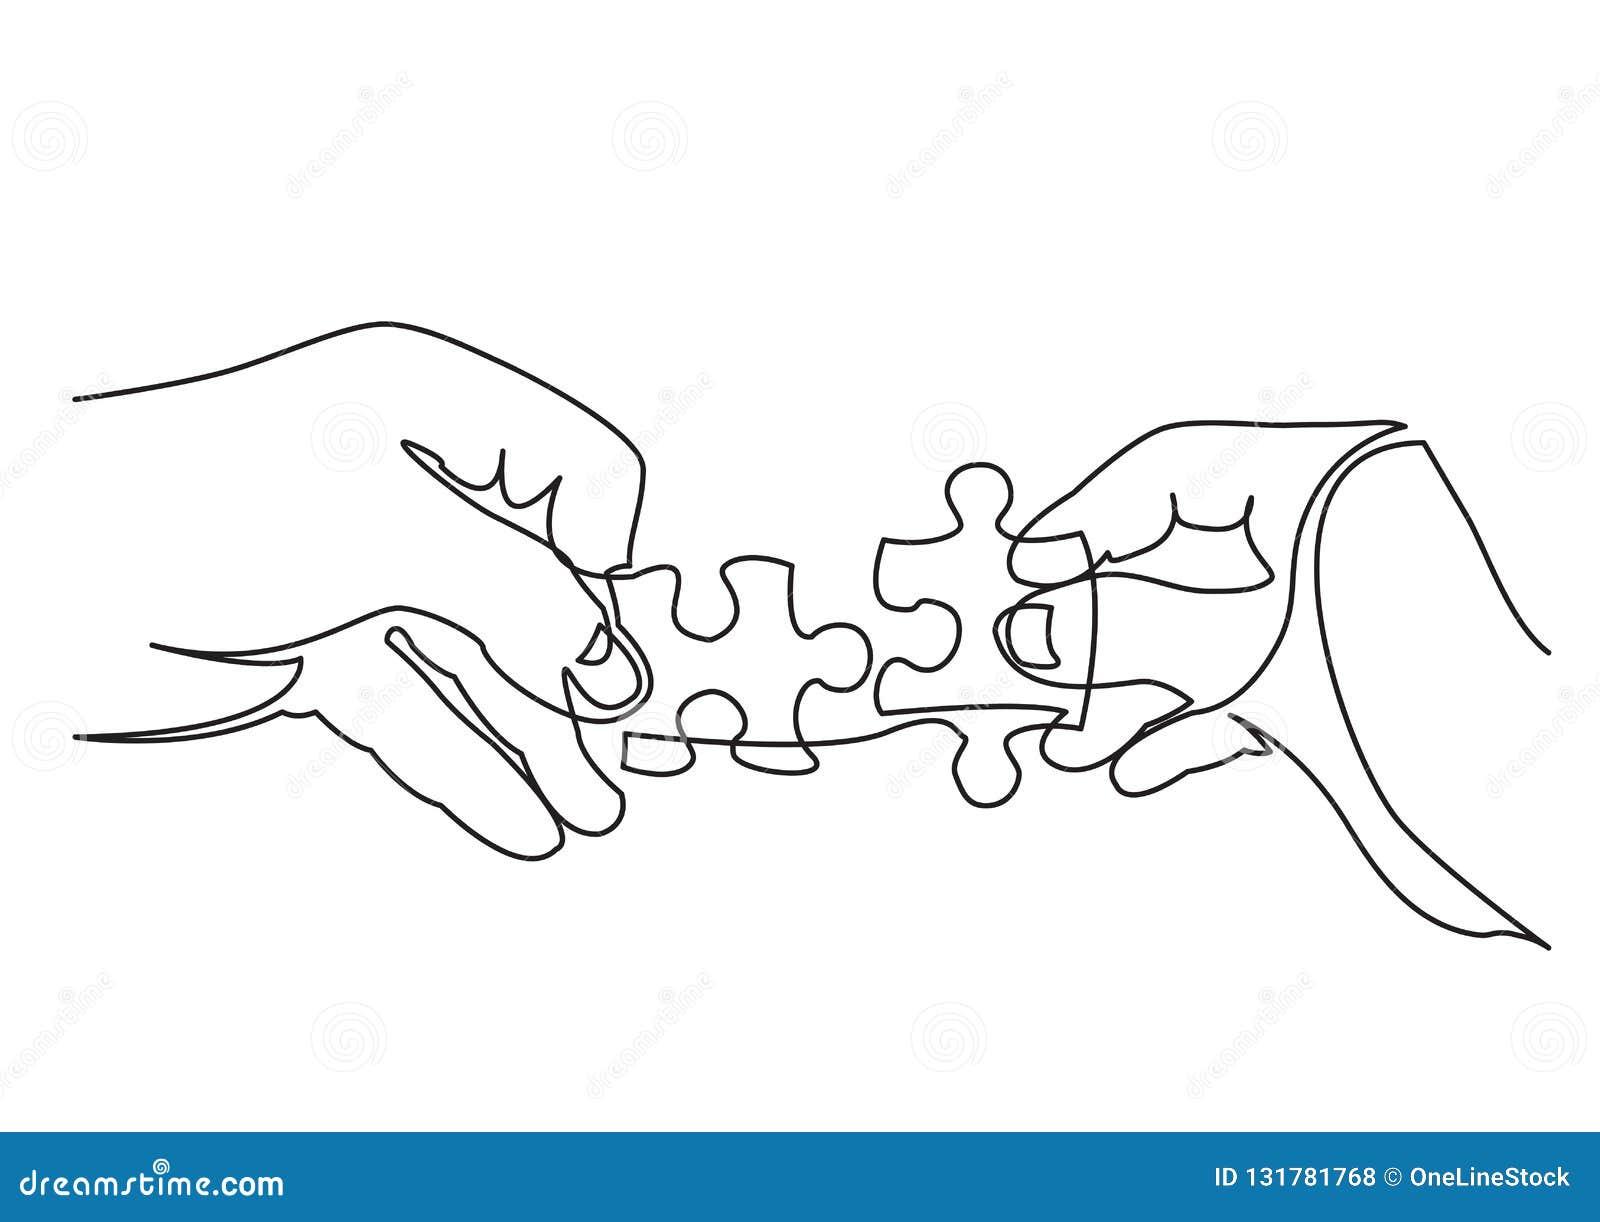 Fortlöpande linje teckning av händer som löser pusslet